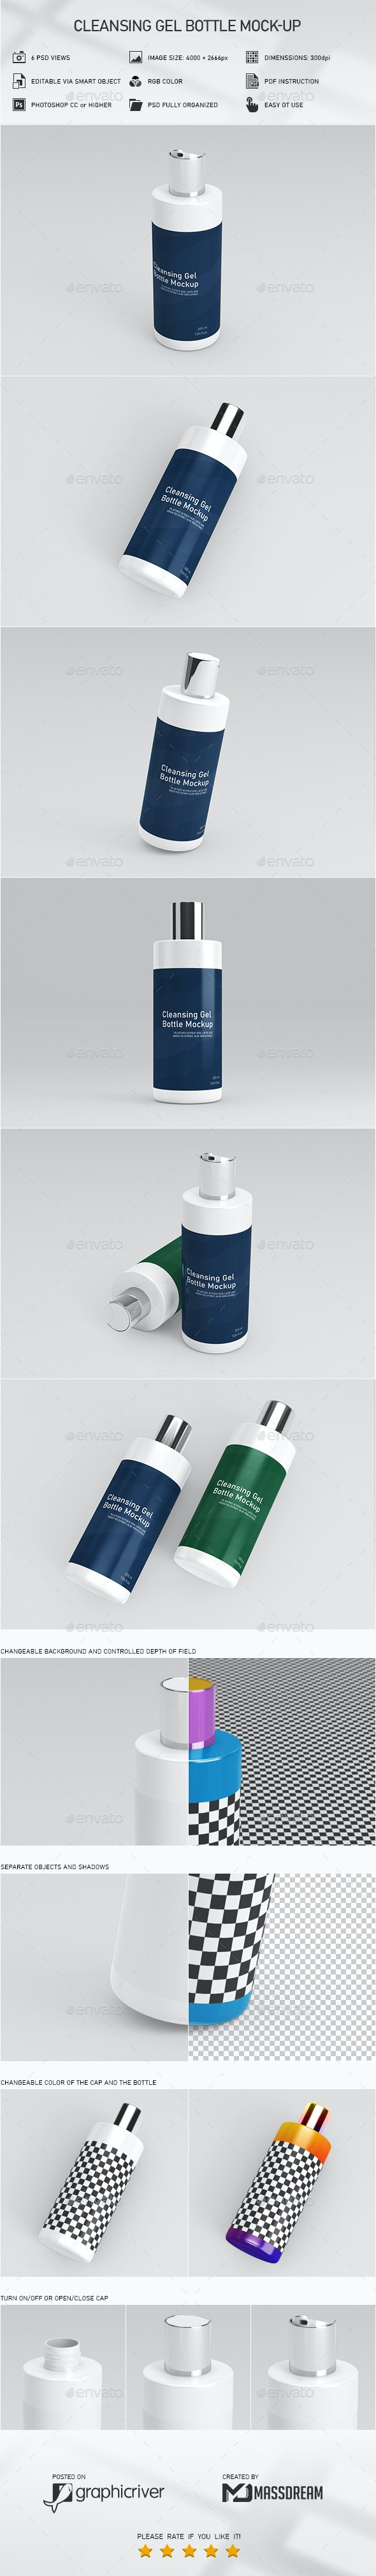 Cleansing Gel Bottle Mock-Up - Product Mock-Ups Graphics